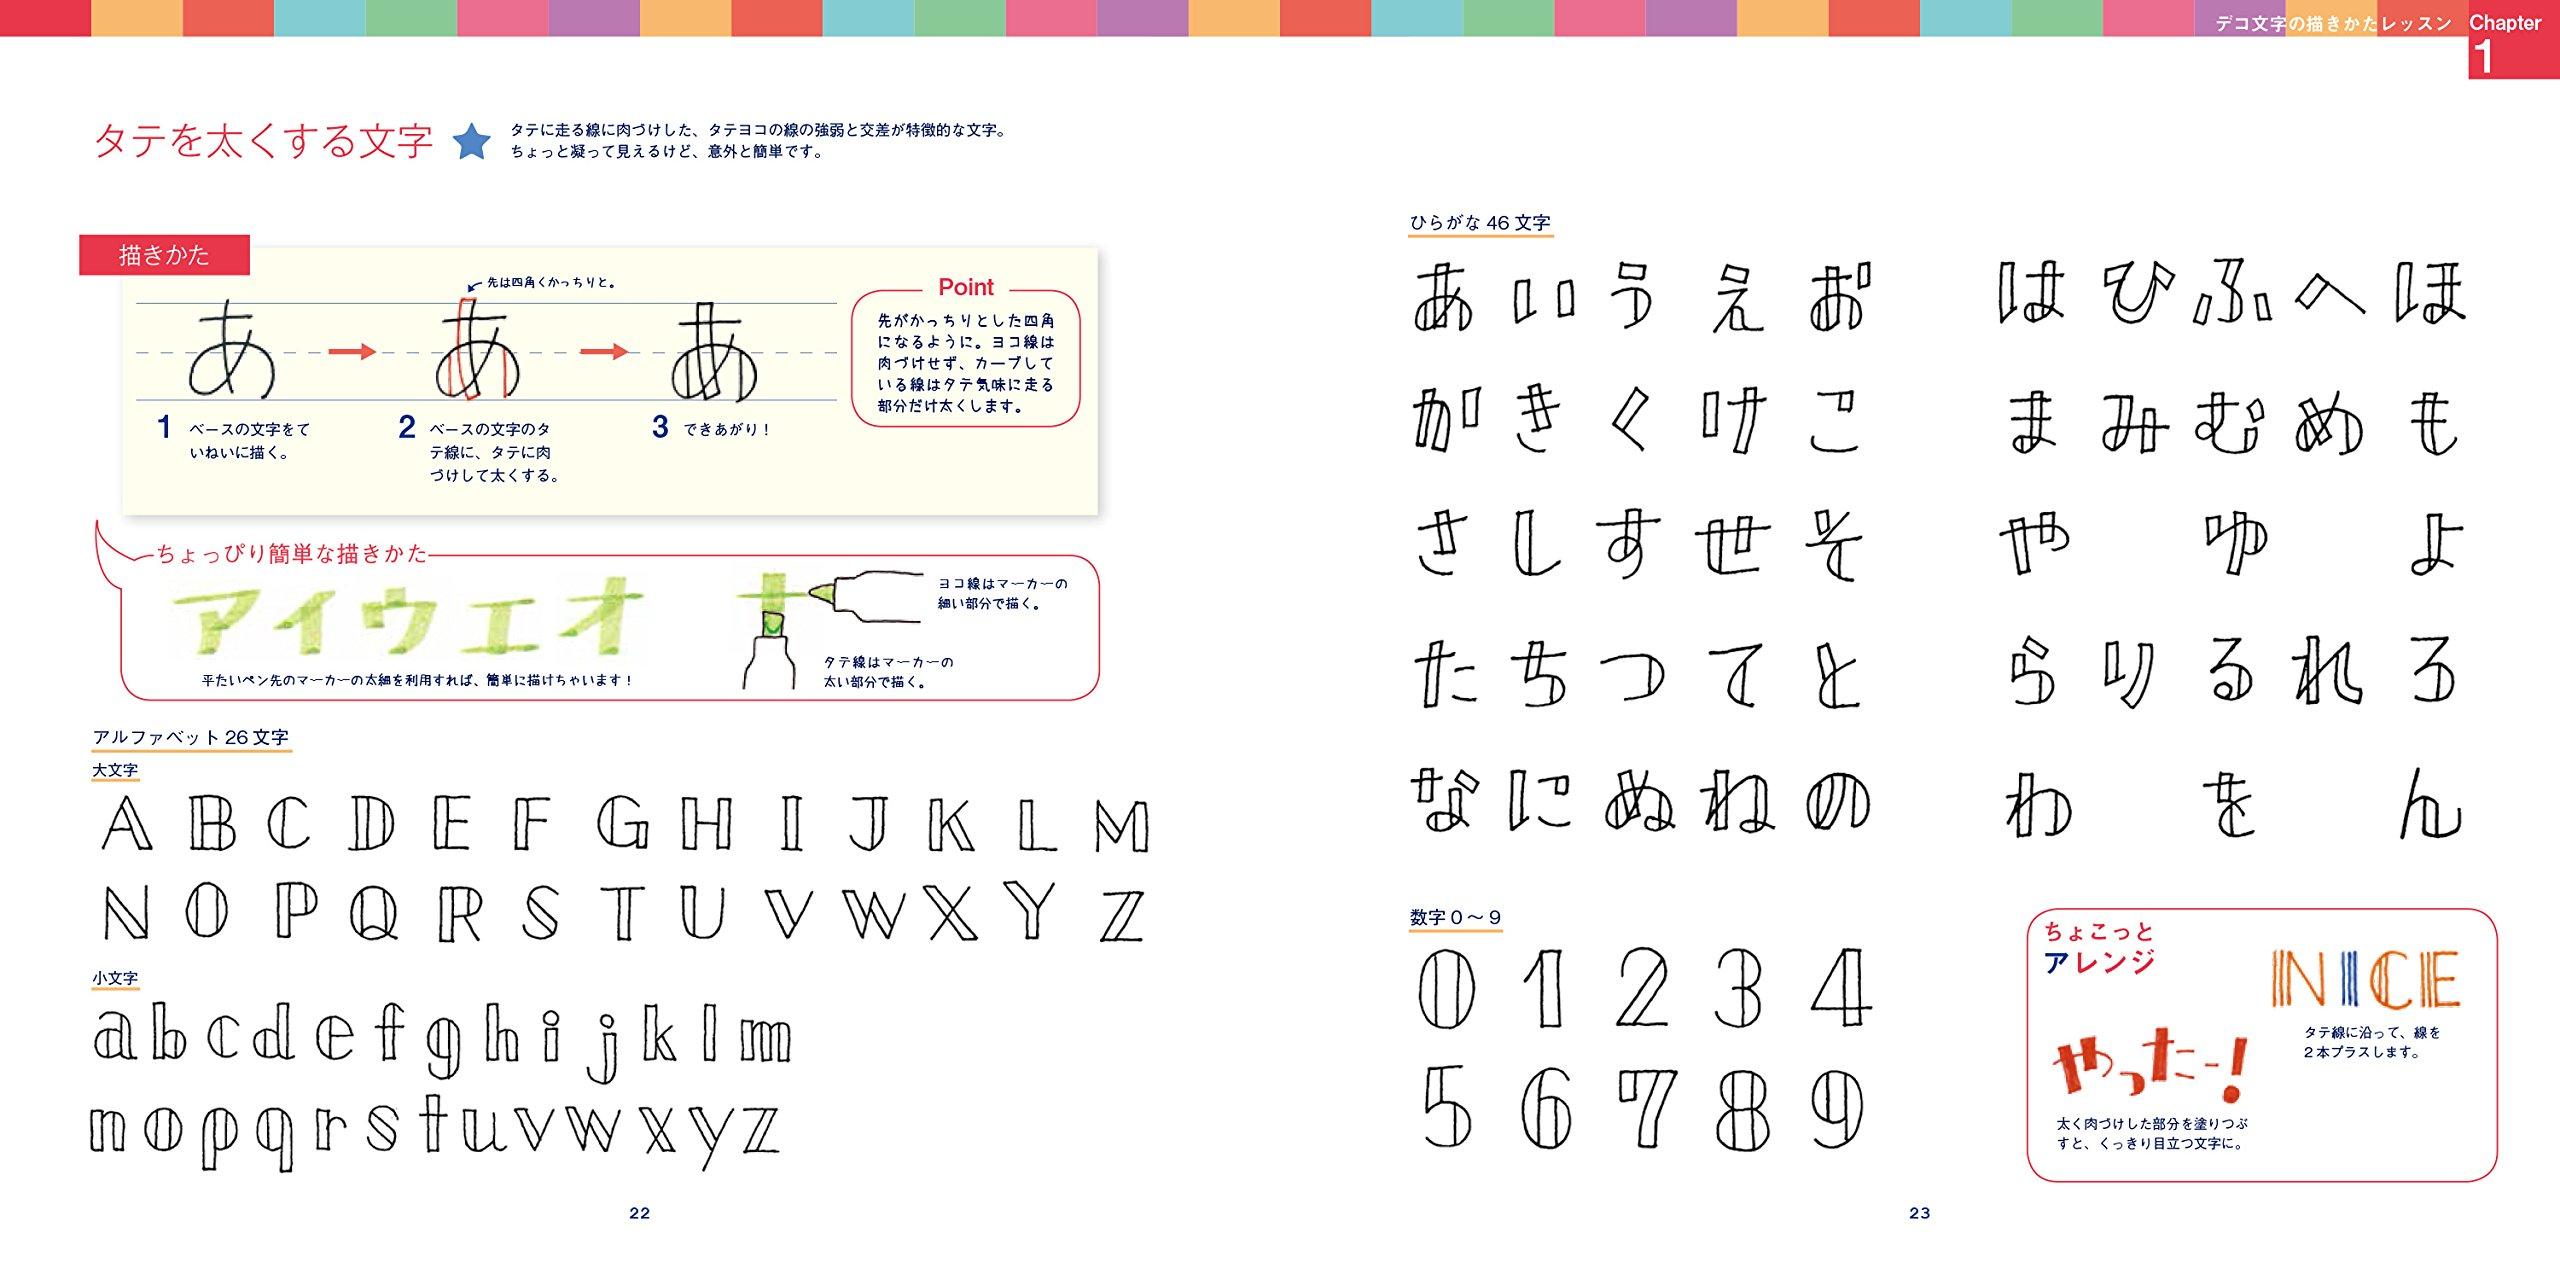 かわいい デコ文字イラストレッスン 玄光社mook Mizutama しまだひろみ たかはしなな 本 通販 Amazon